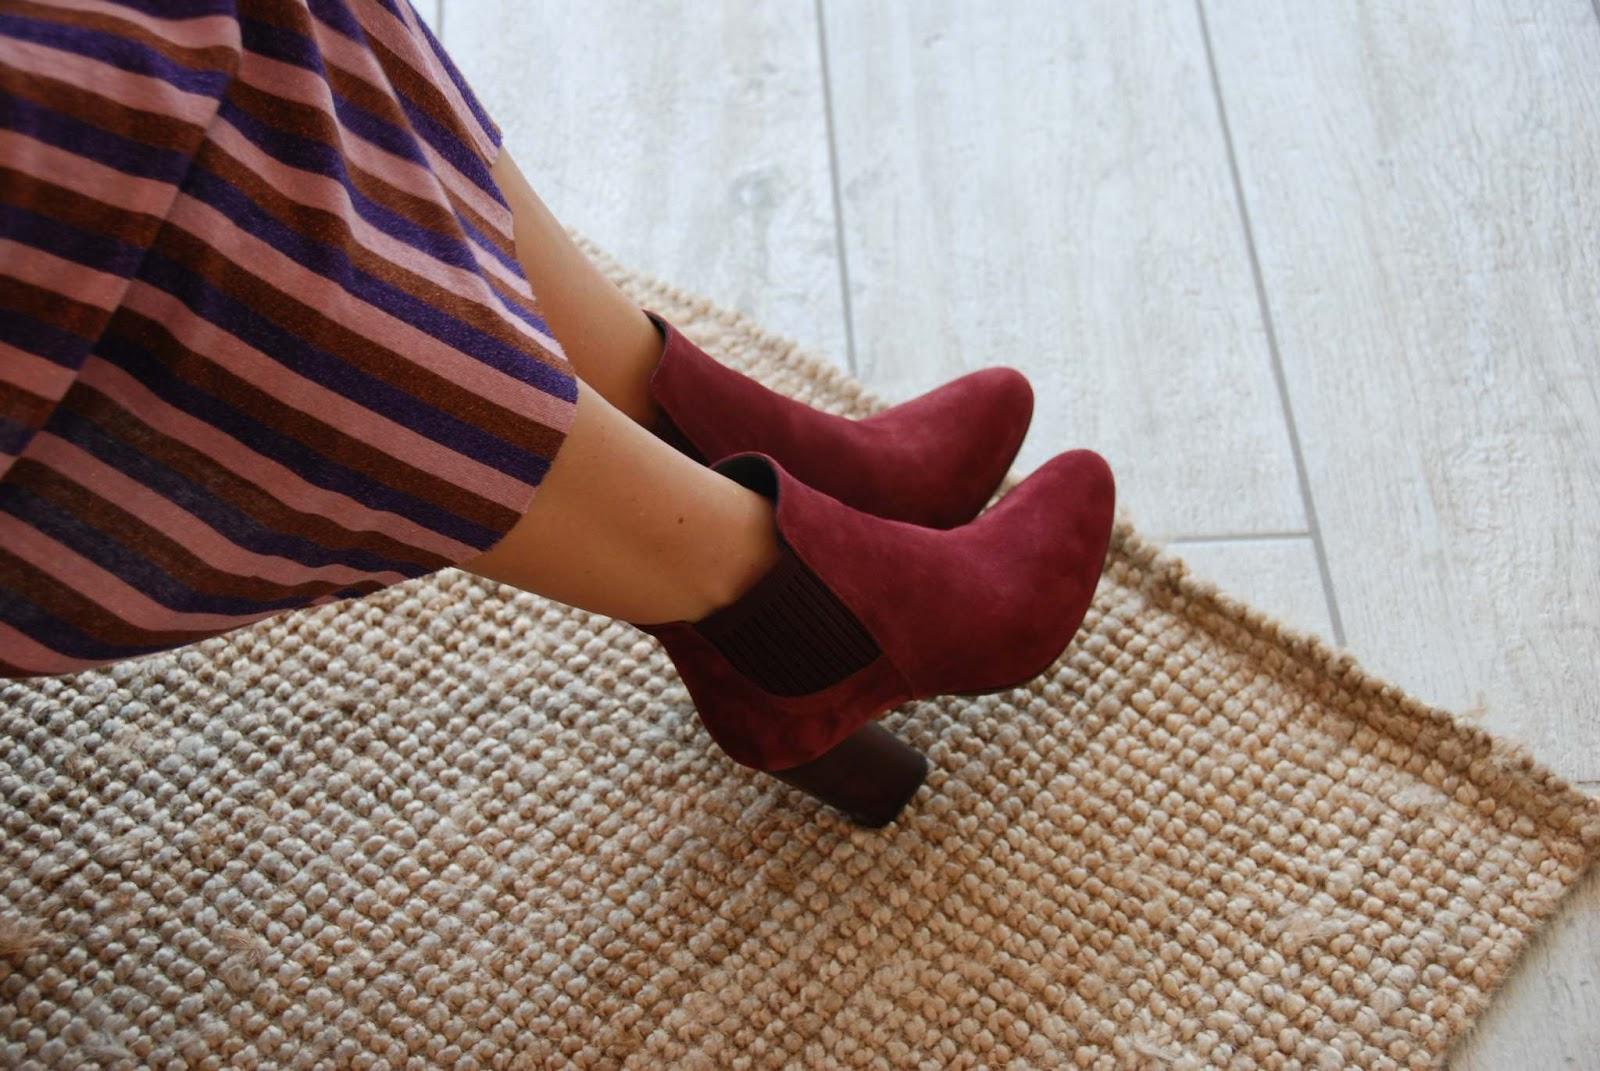 Eniwhere Fashion - 23 Calzature - Flero - Fiori Francesi